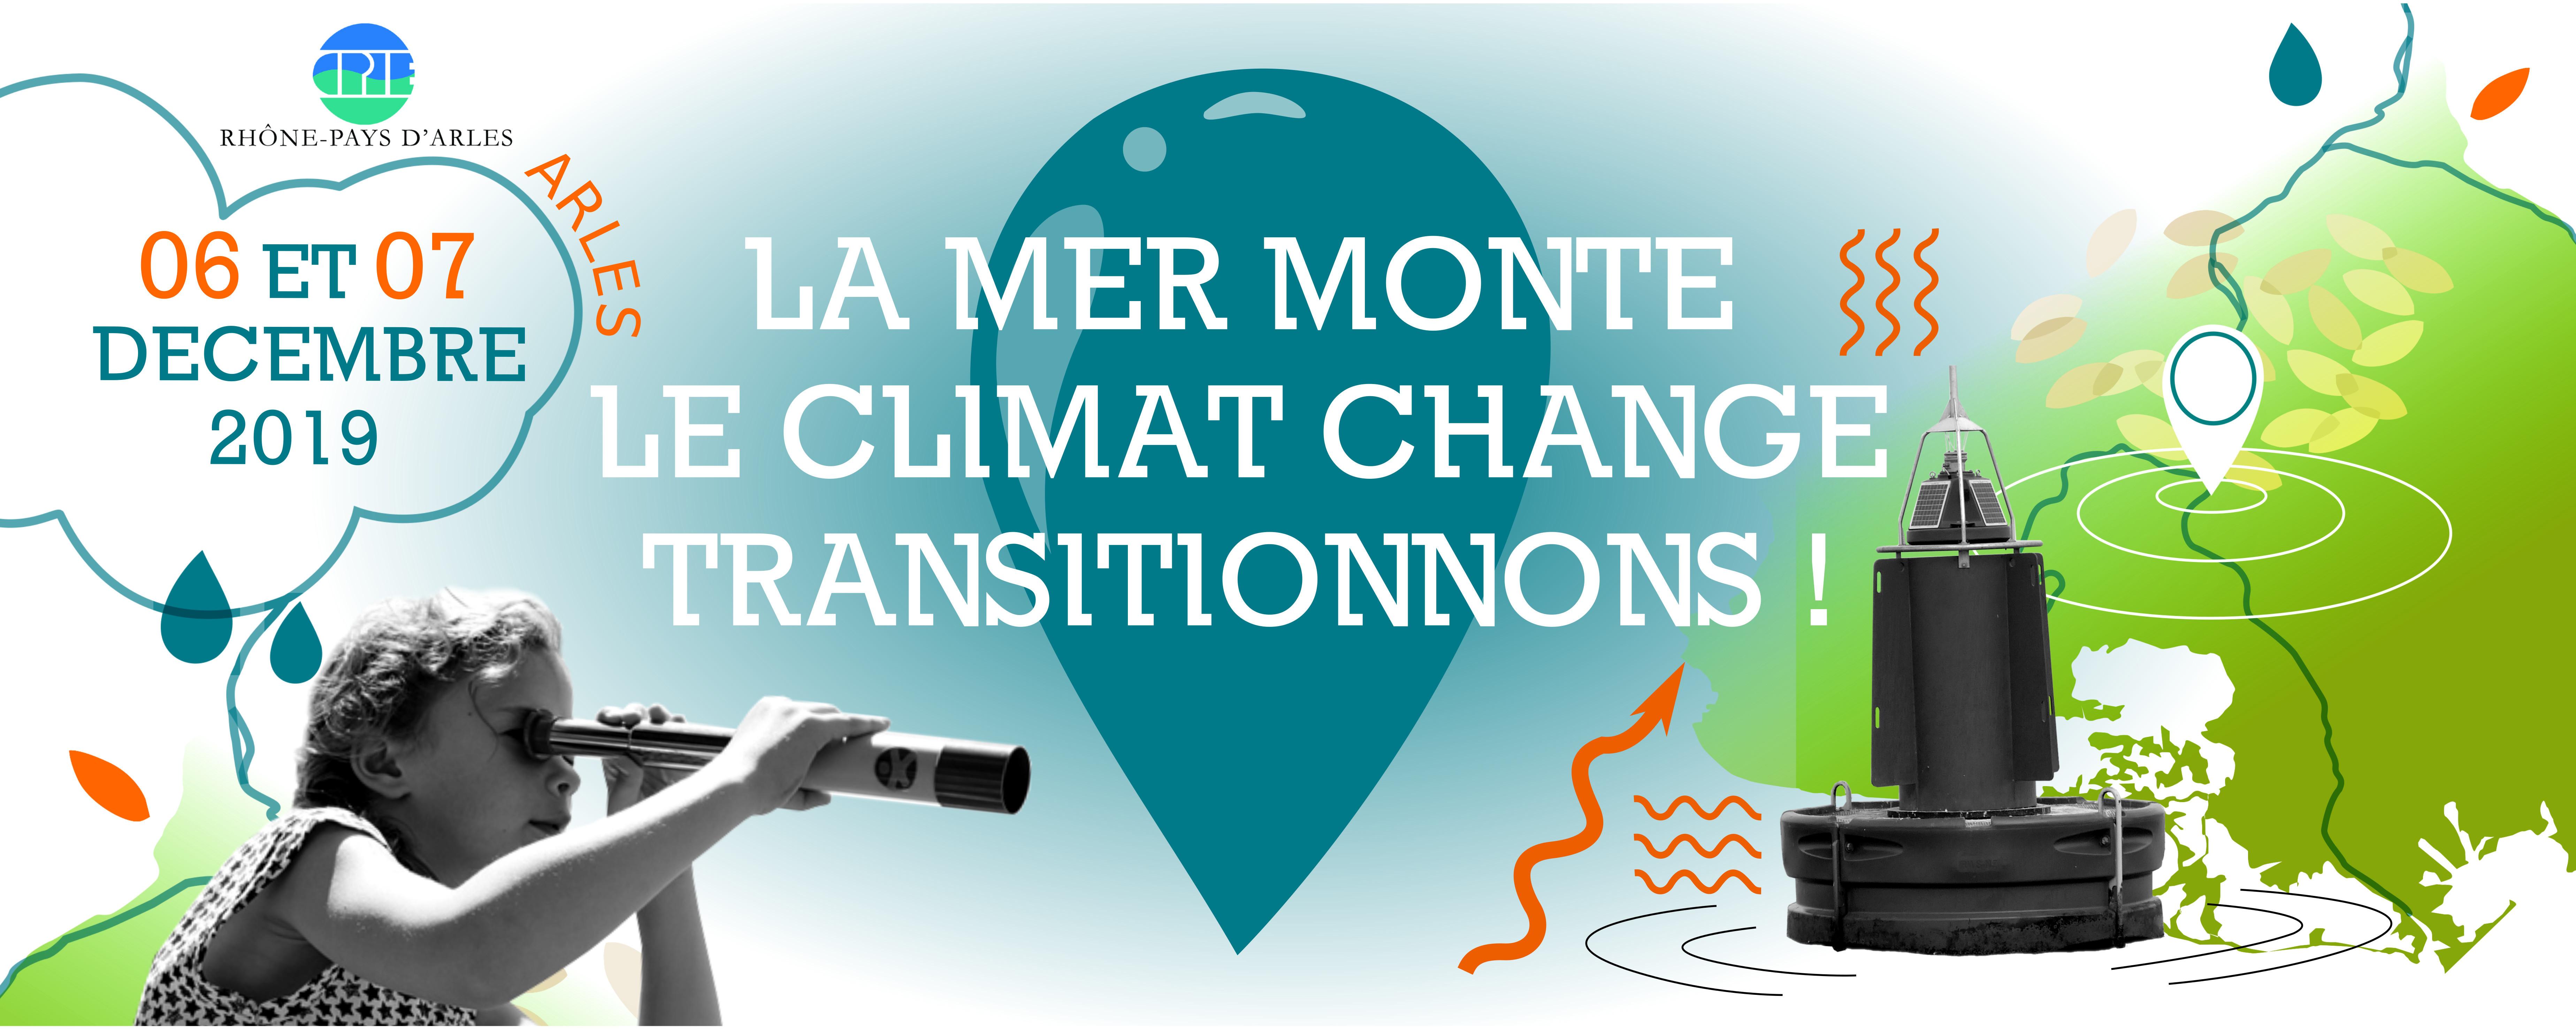 Partageons nos expériences et nos idées et faisons face ensemble au changement climatique !